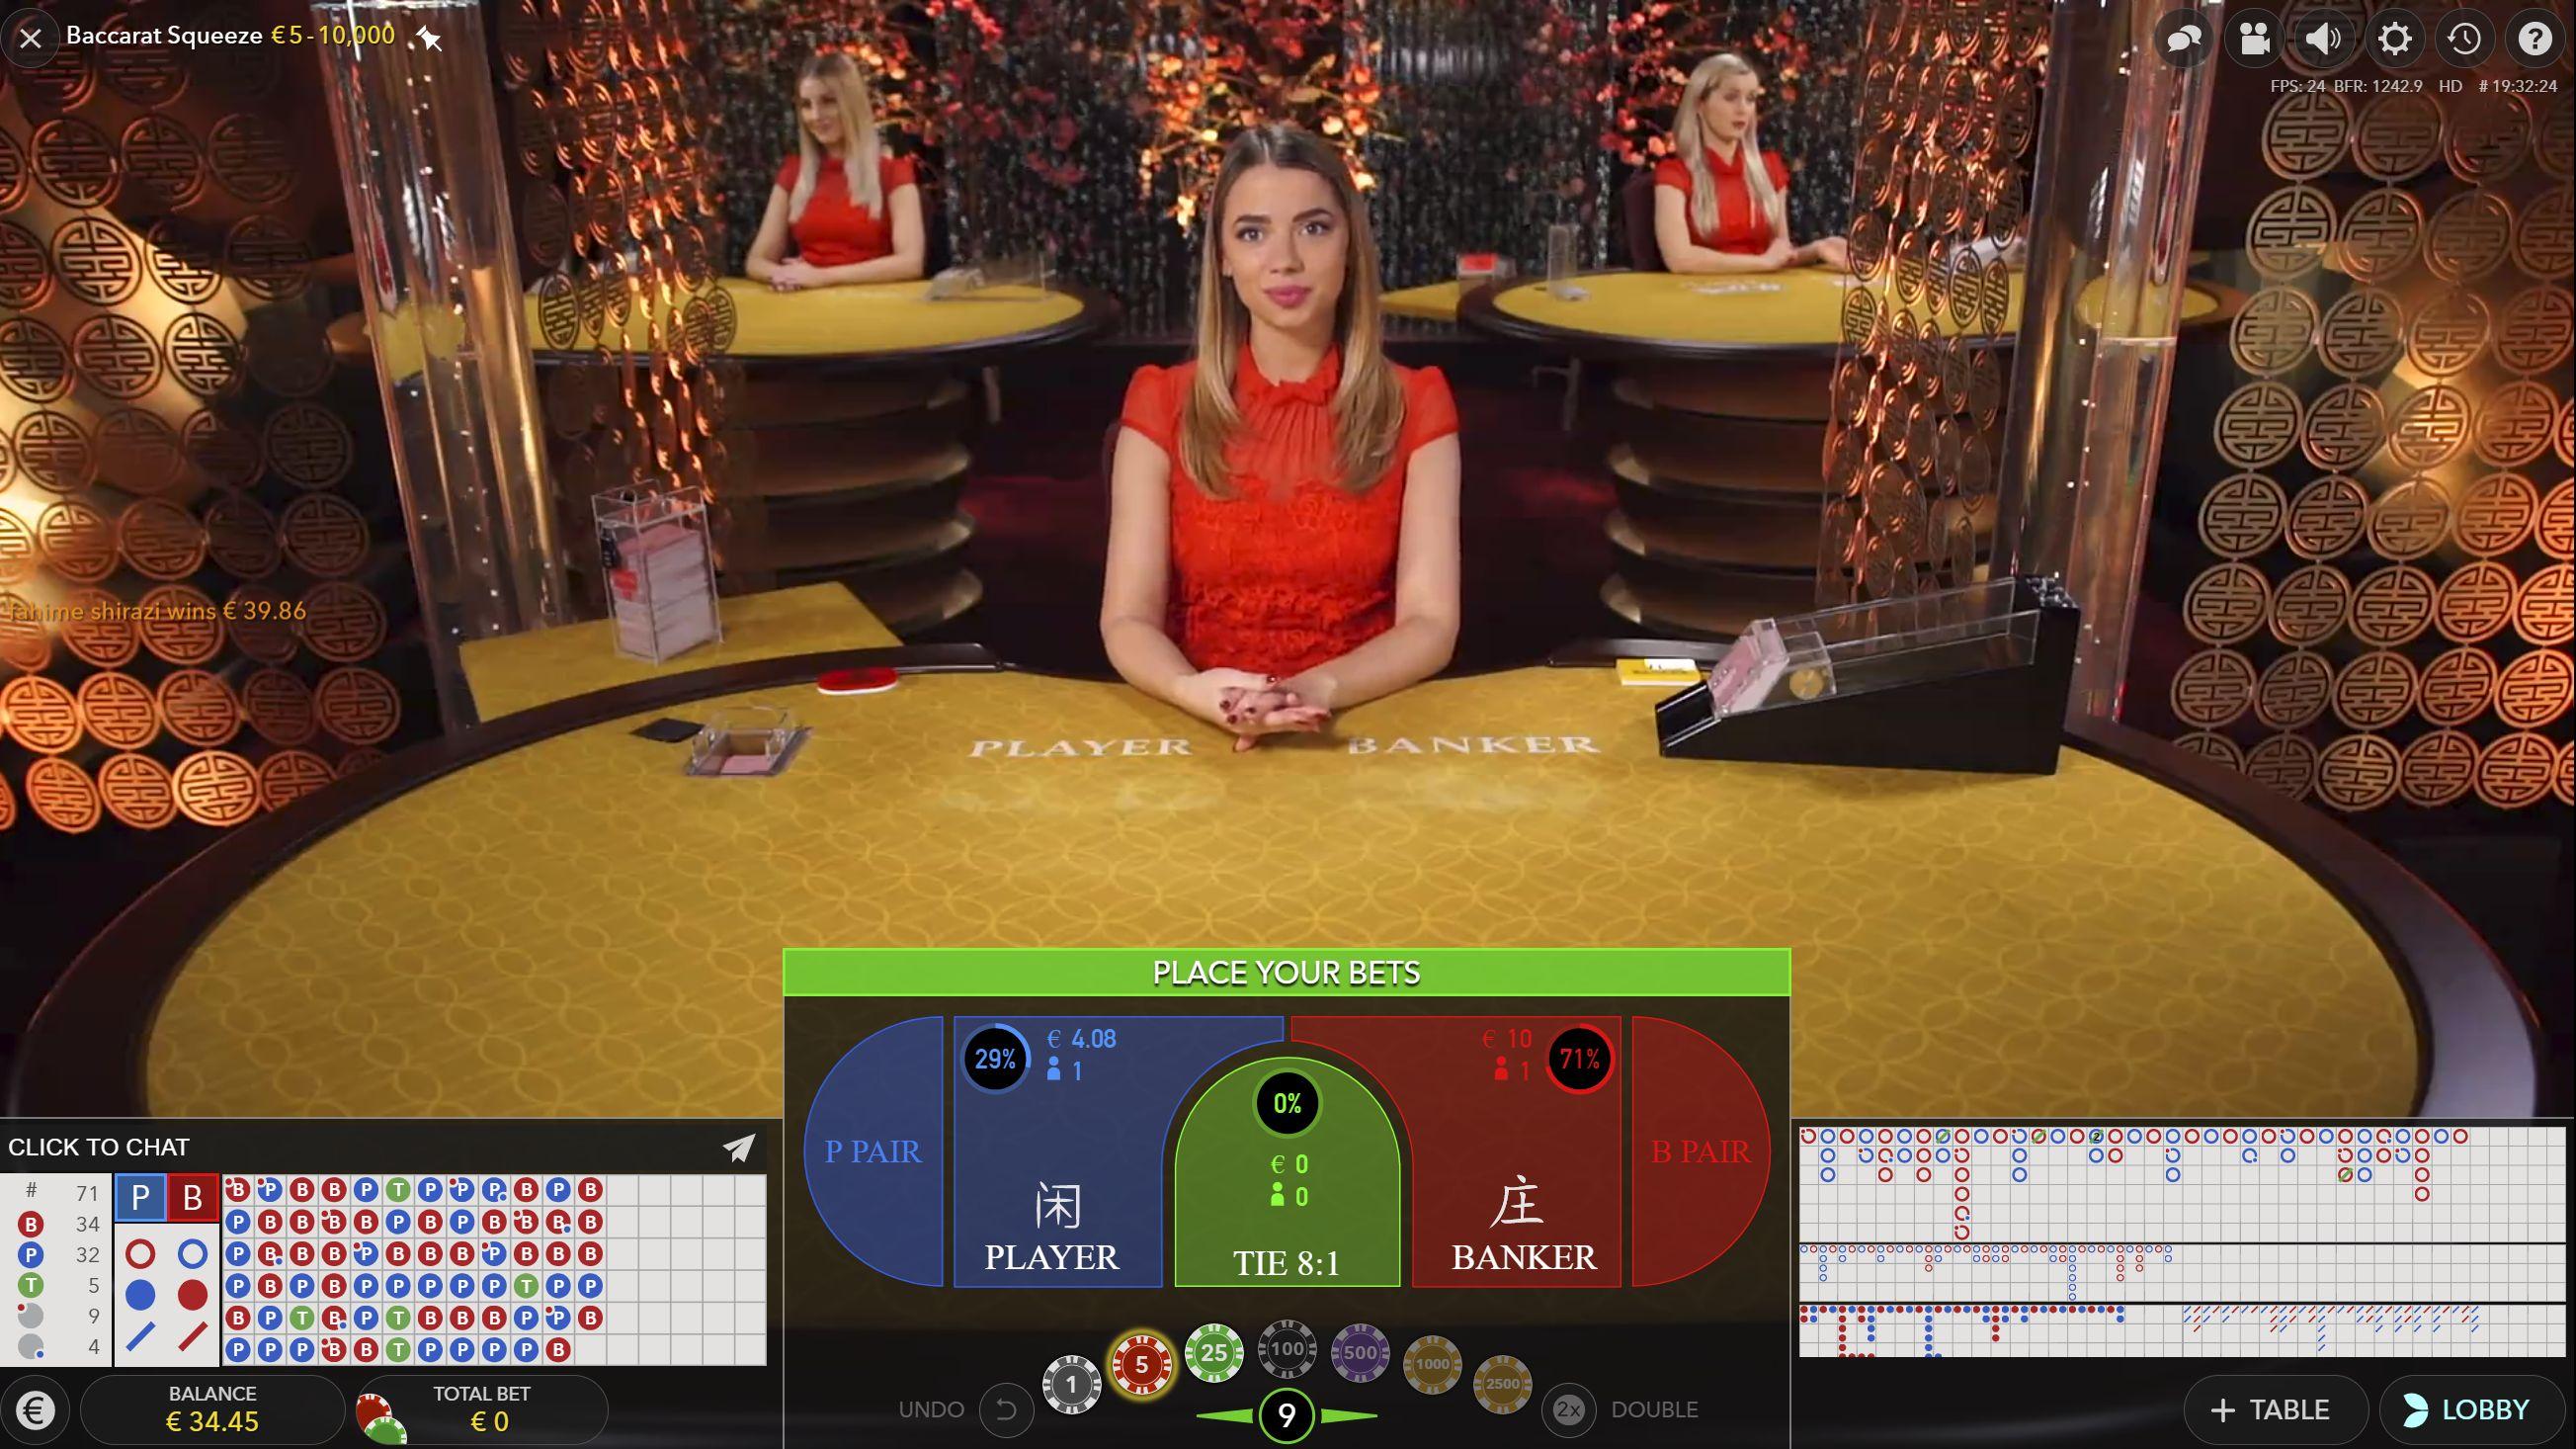 baccarat säännöt_Live-jälleenmyyjä_ilmainen peli_netti rahapelit_parhaat nettikasinot